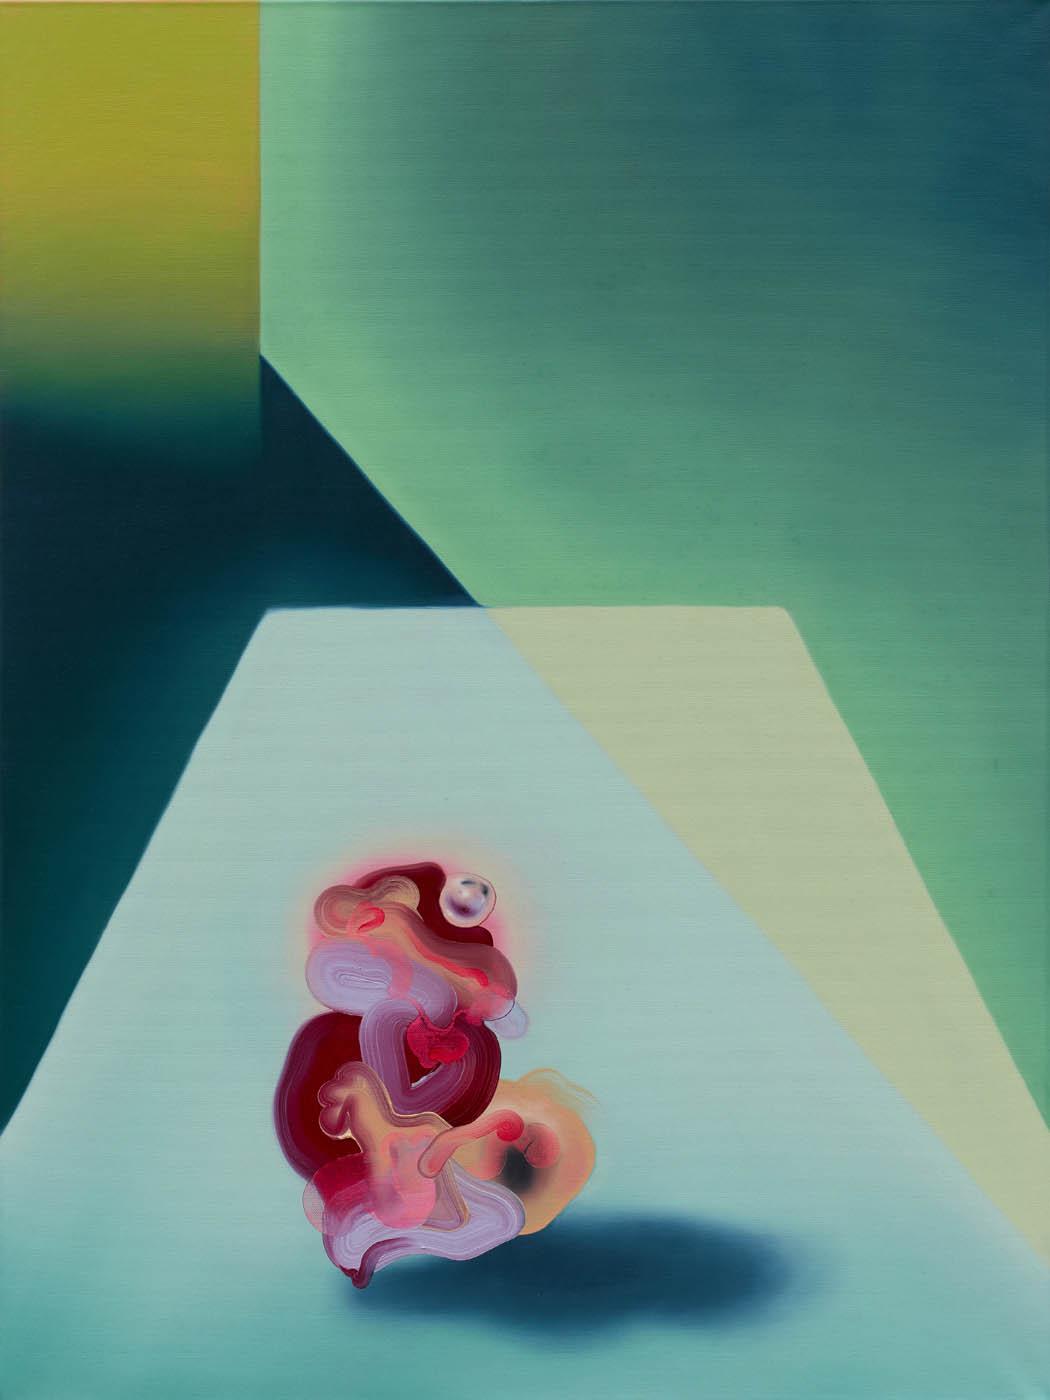 Lindsay M. Ferriss - Green Room